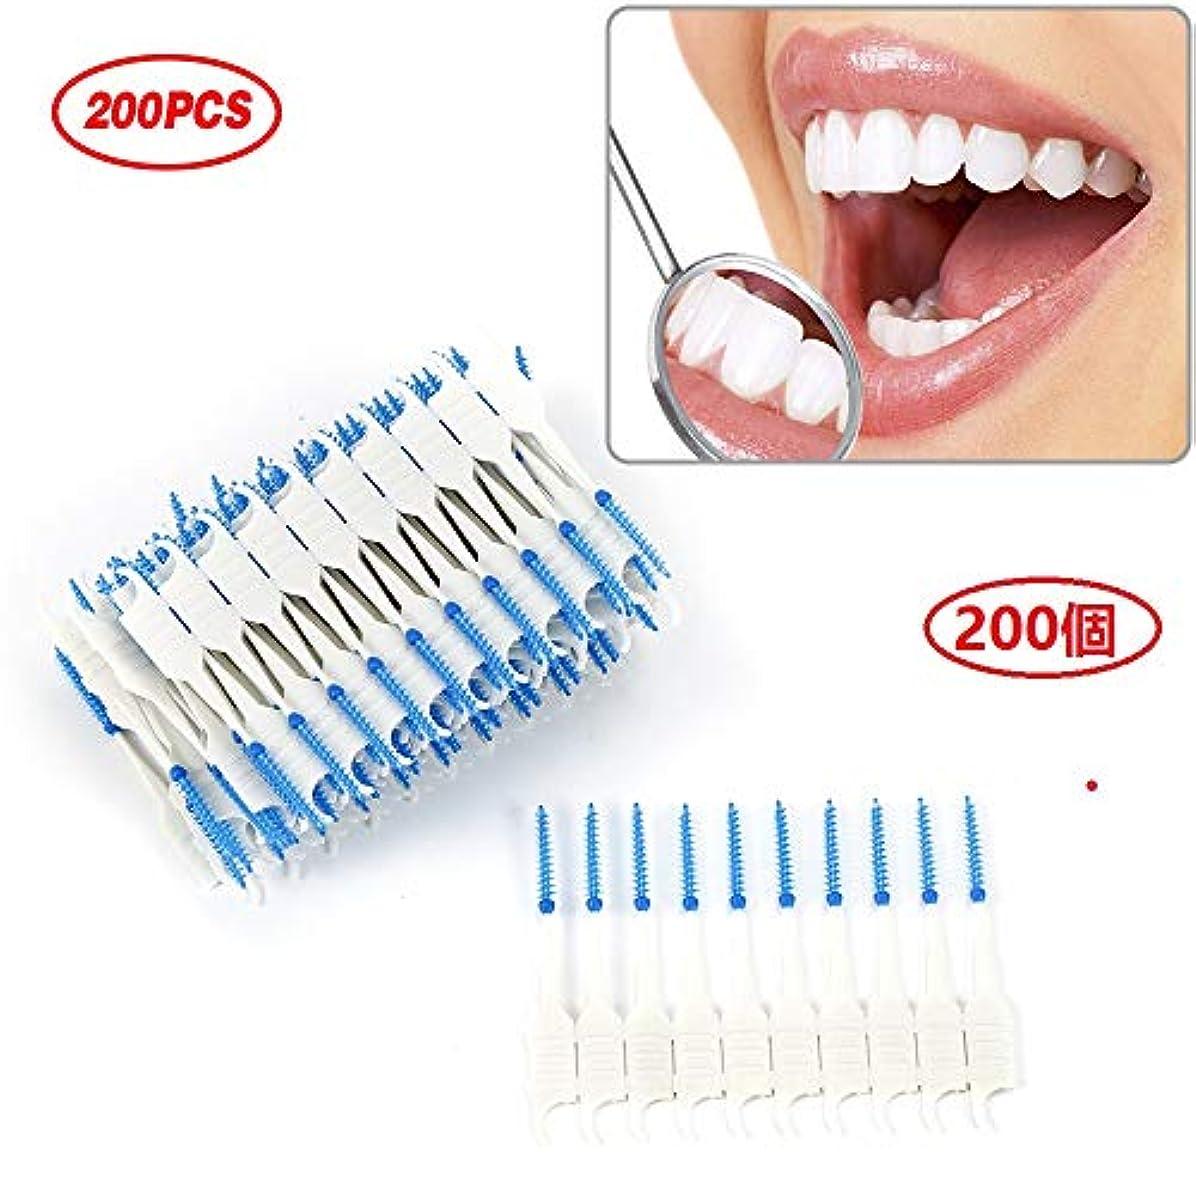 無声で絶滅ベッド200ピース歯のクリーニングオーラルケア歯フロス口腔衛生デンタルフロスソフト歯間二重つまようじ健康ツール 200 Pcs Teeth Cleaning Oral Care Tooth Floss Hygiene Dental...